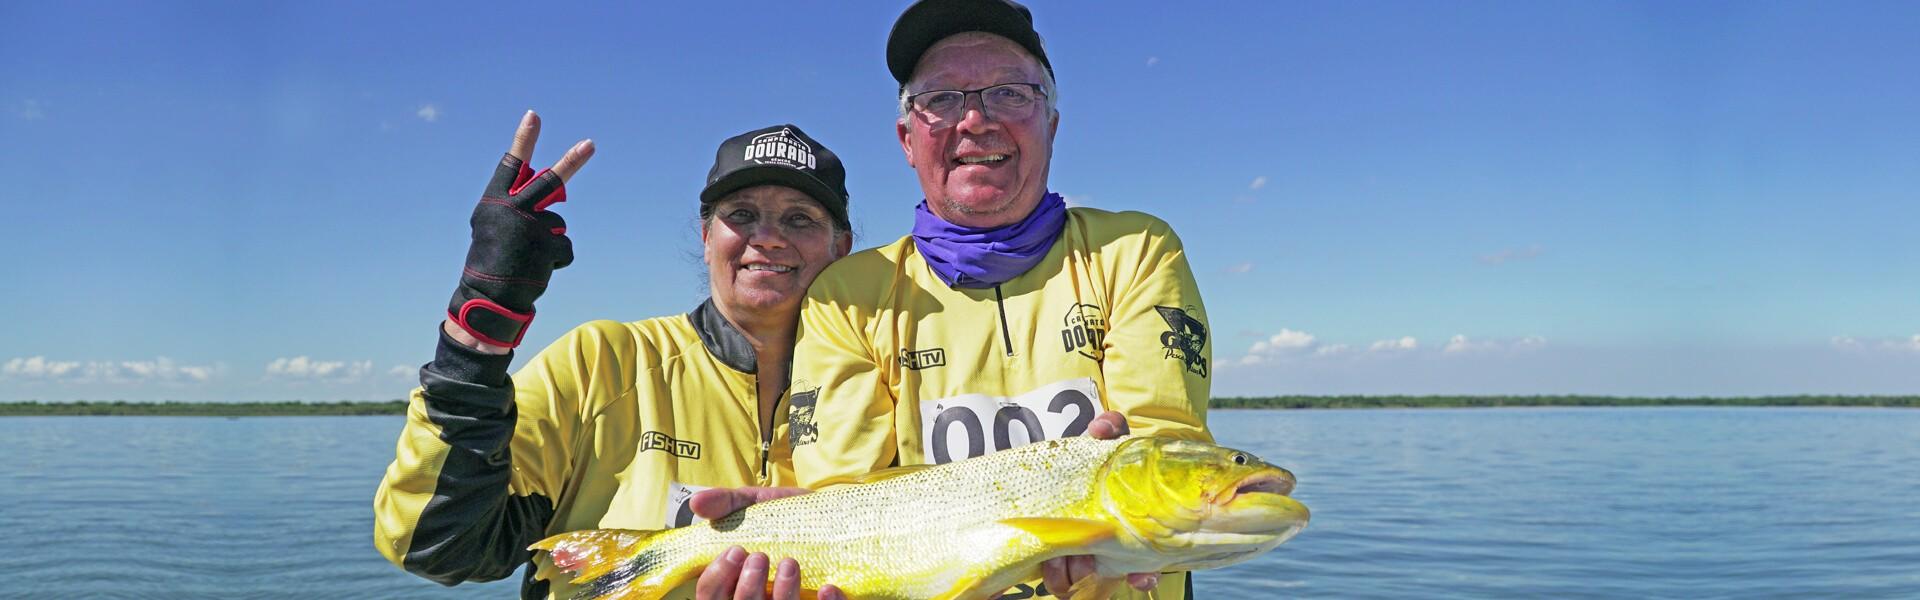 Campeonato de Dourado Gêmeos Pesca Esportiva